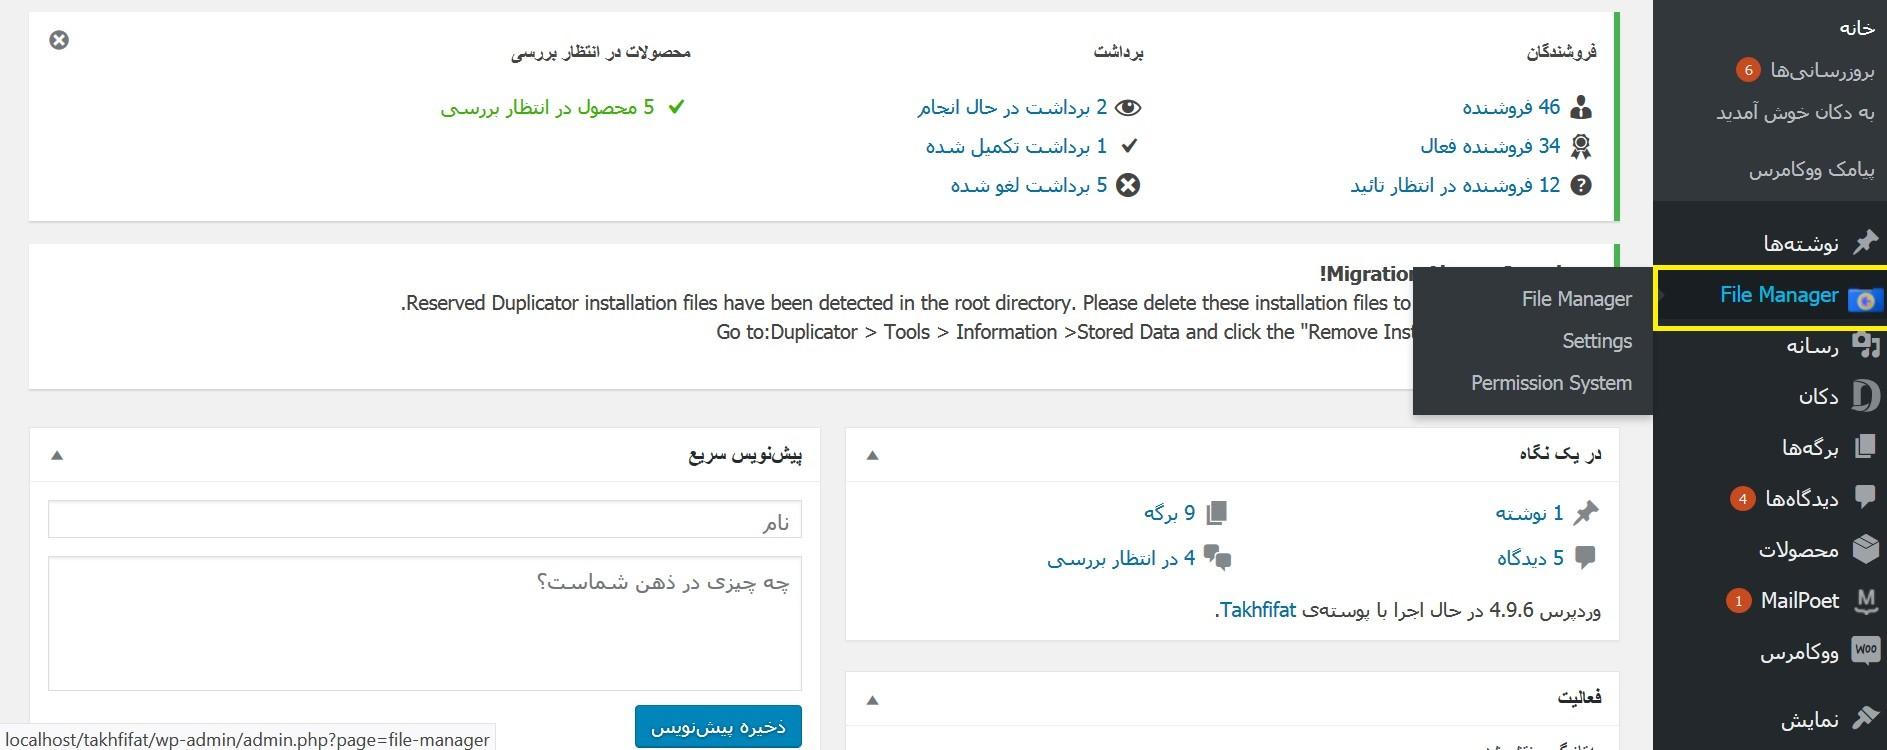 افزونه مدیریت فایل وردپرس | فایل منیجر وردپرس